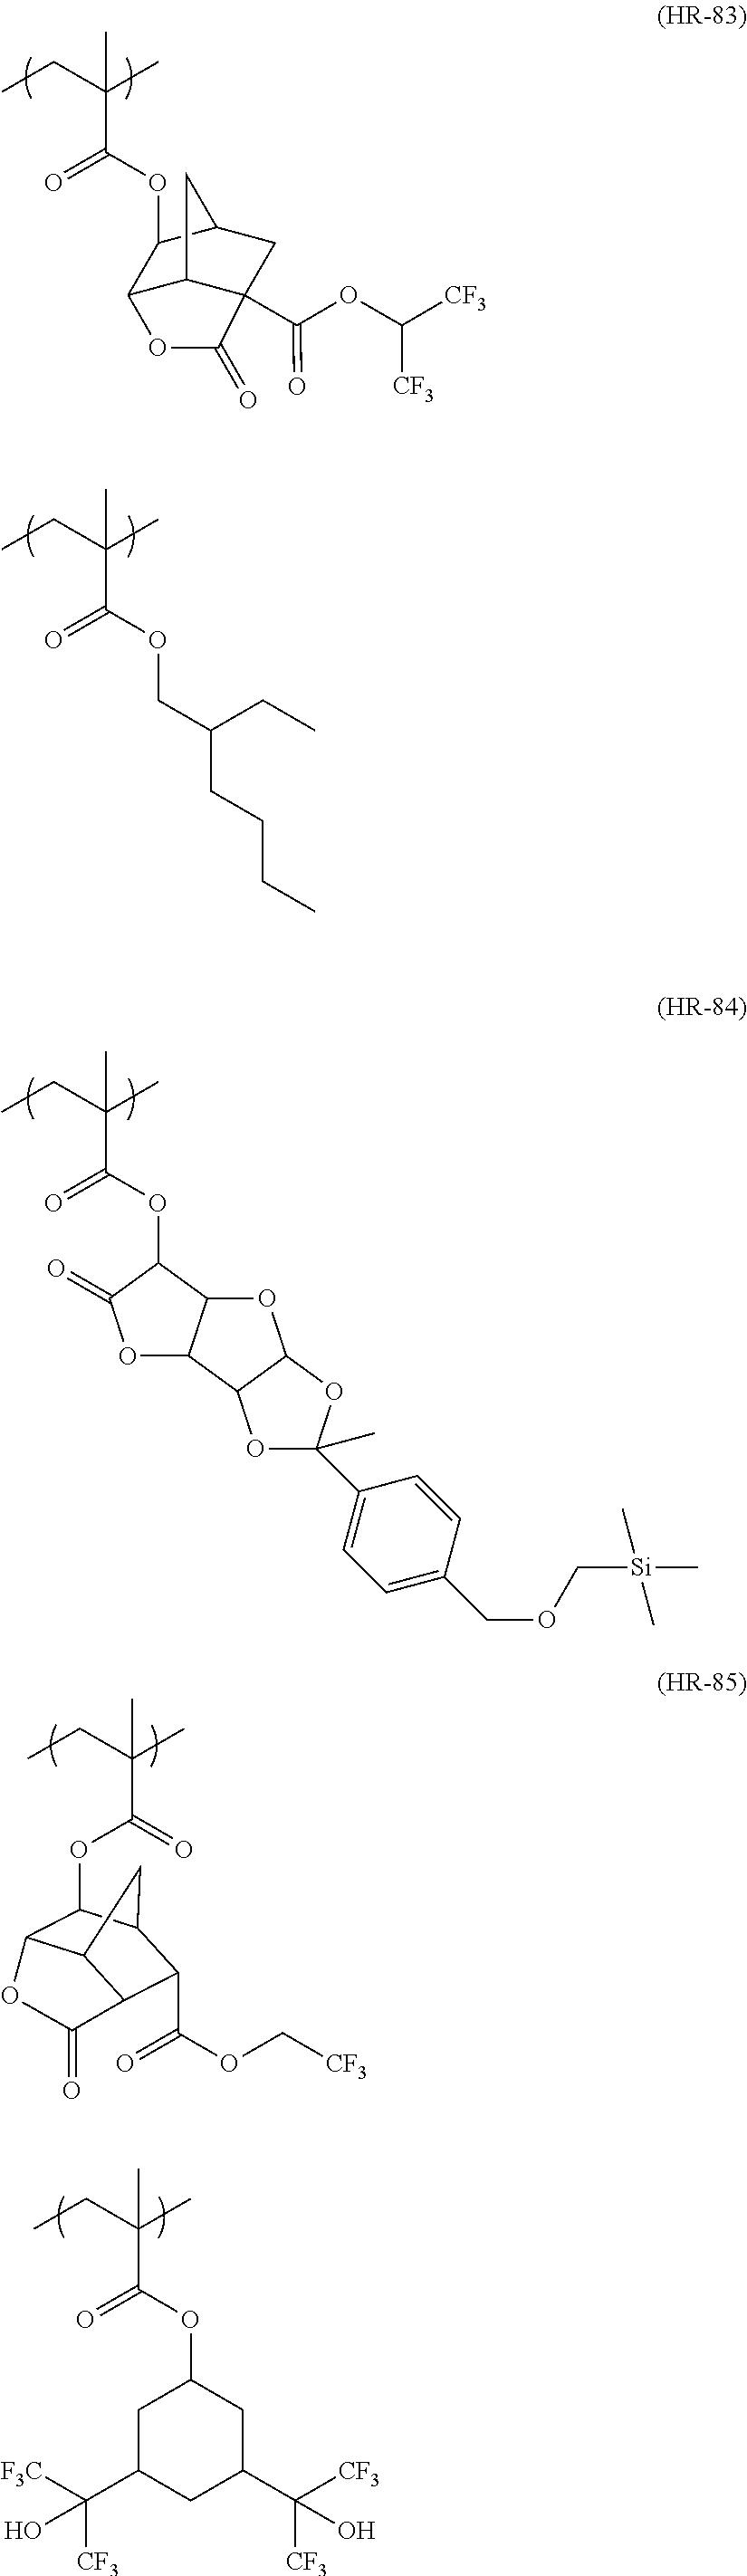 Figure US08404427-20130326-C00173